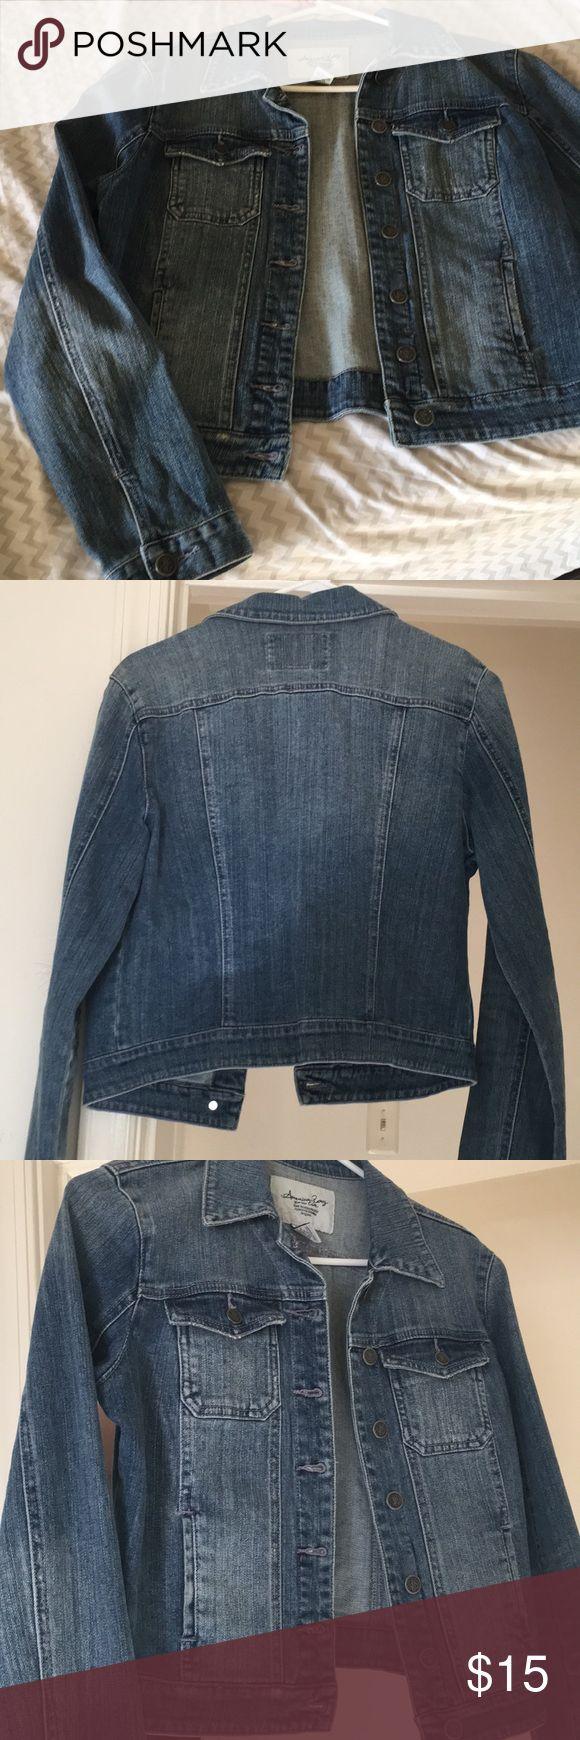 American rag jean jacket American rag jean jacket worn once American Rag Jackets & Coats Jean Jackets